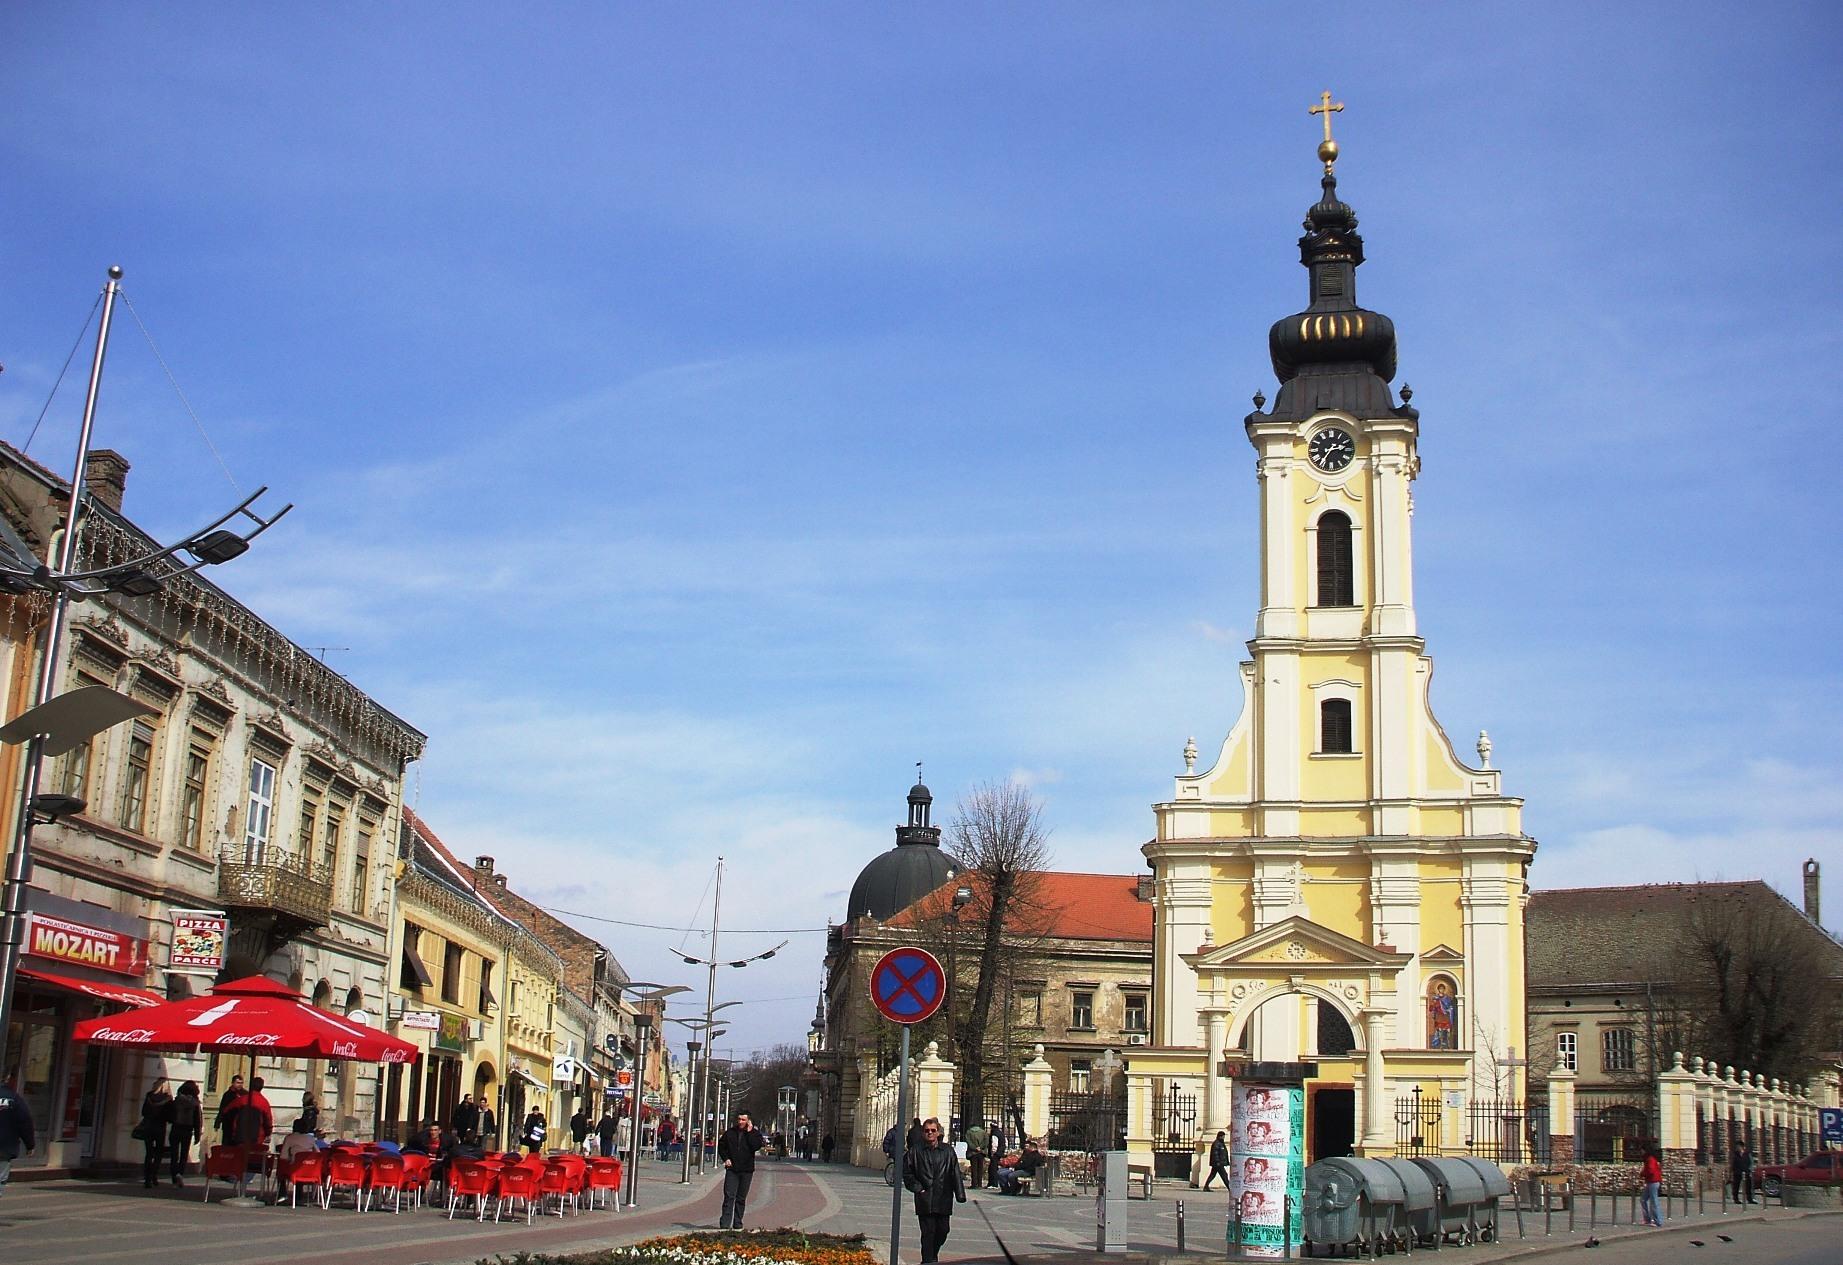 Ukidanje mera od grada do grada? Može li Mitrovica da očekuje povoljniji ishod u odnosu na ostale gradove ?